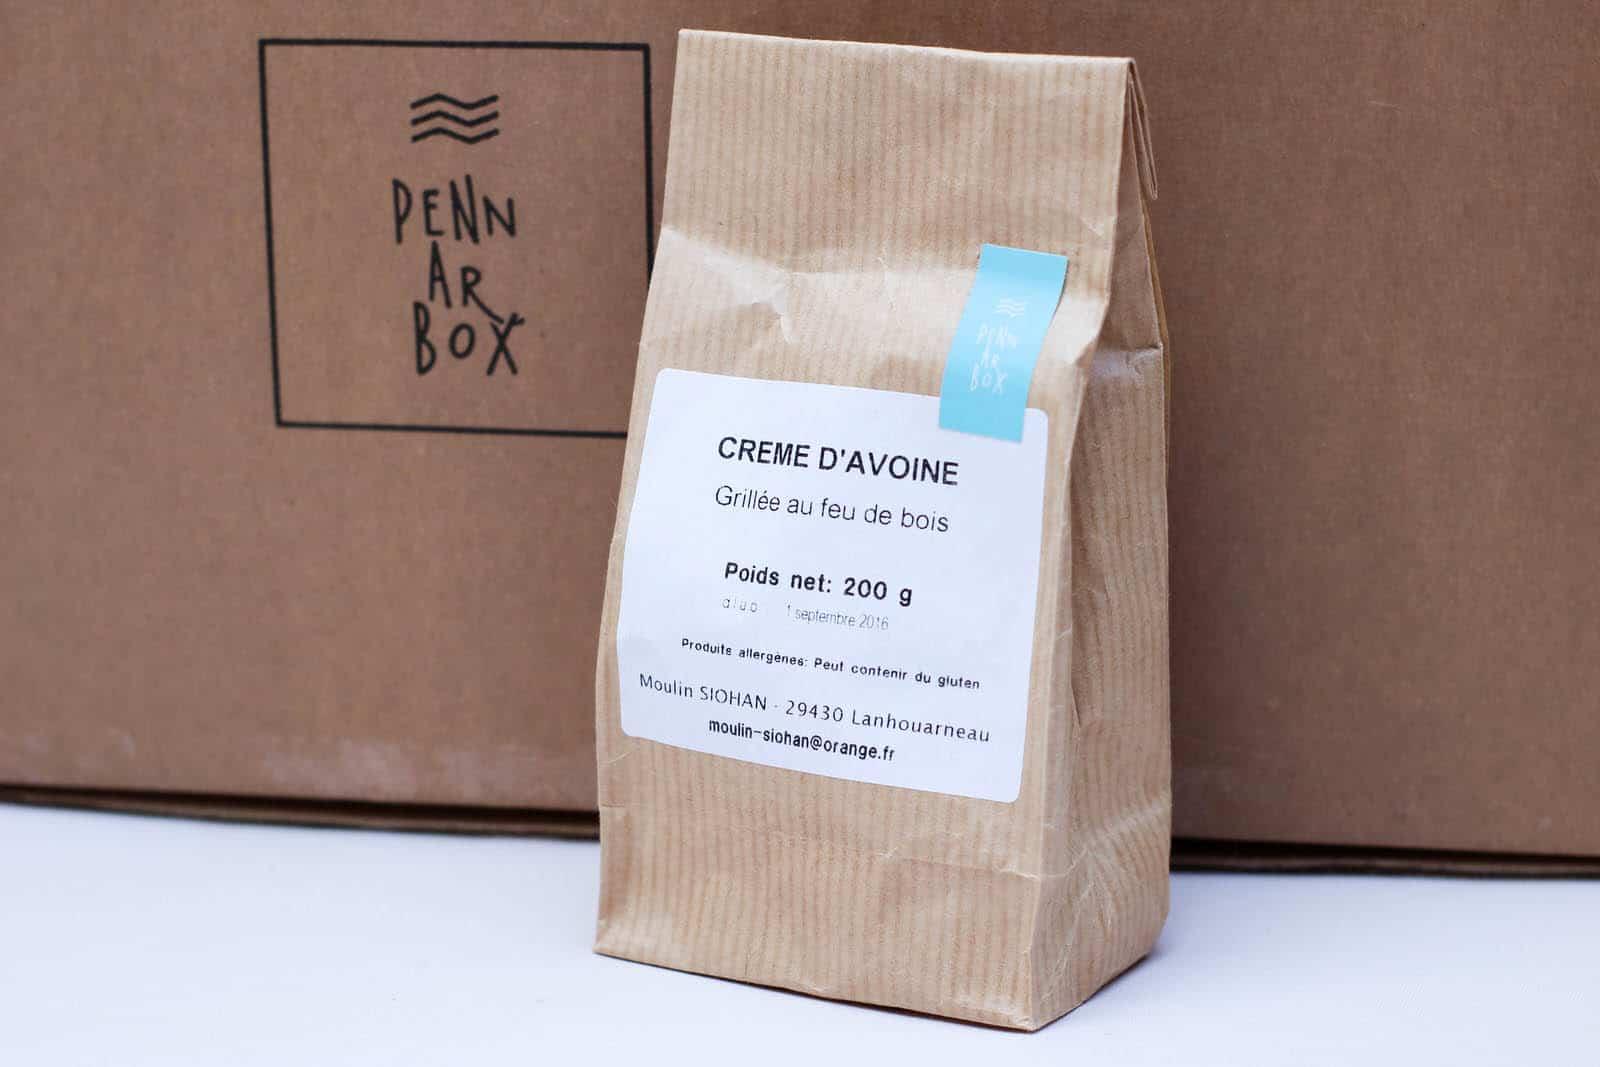 penn-ar-box-mars2016